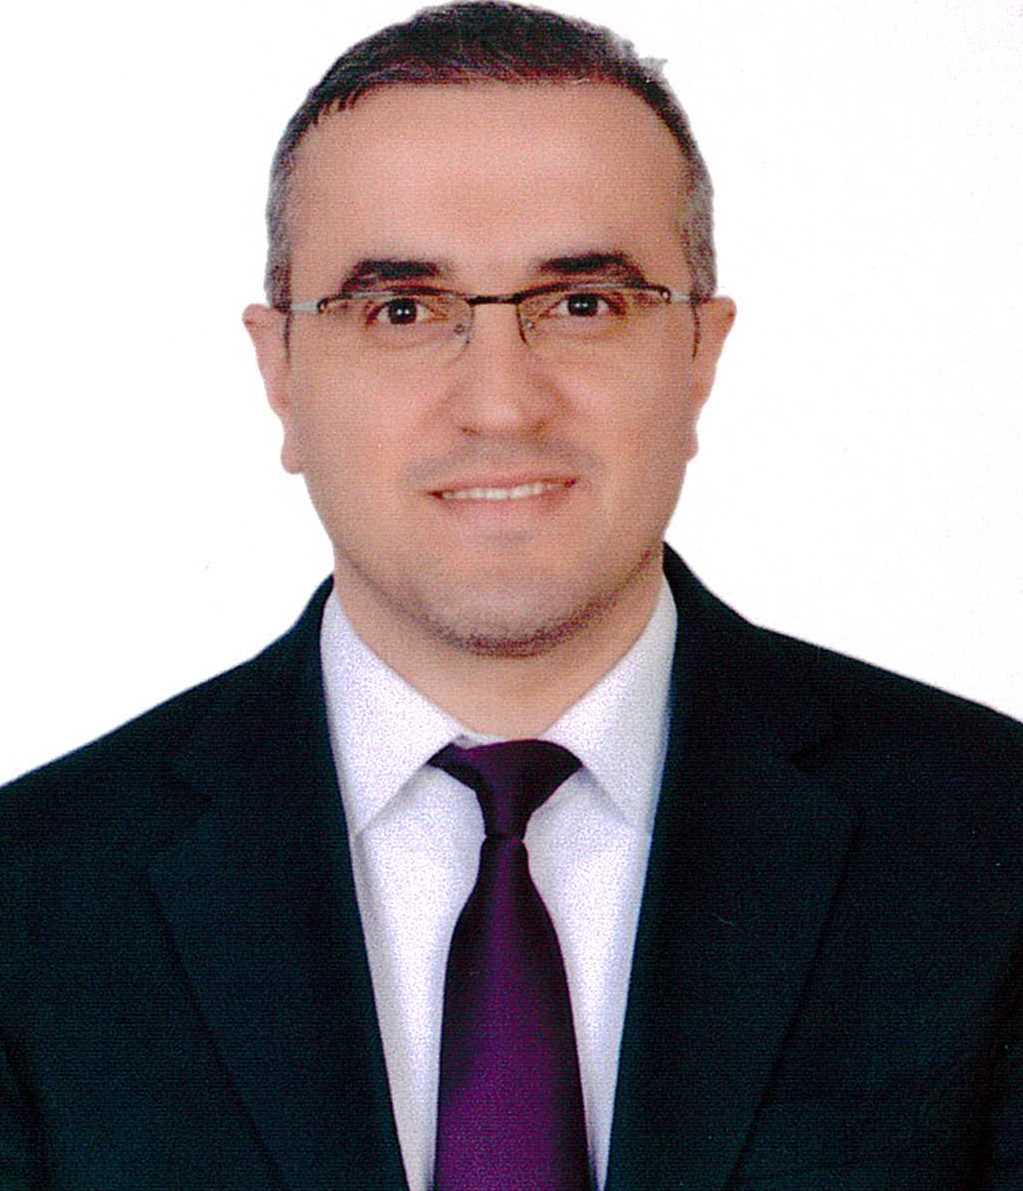 Doç. Dr. CÜNEYT ARDIÇ